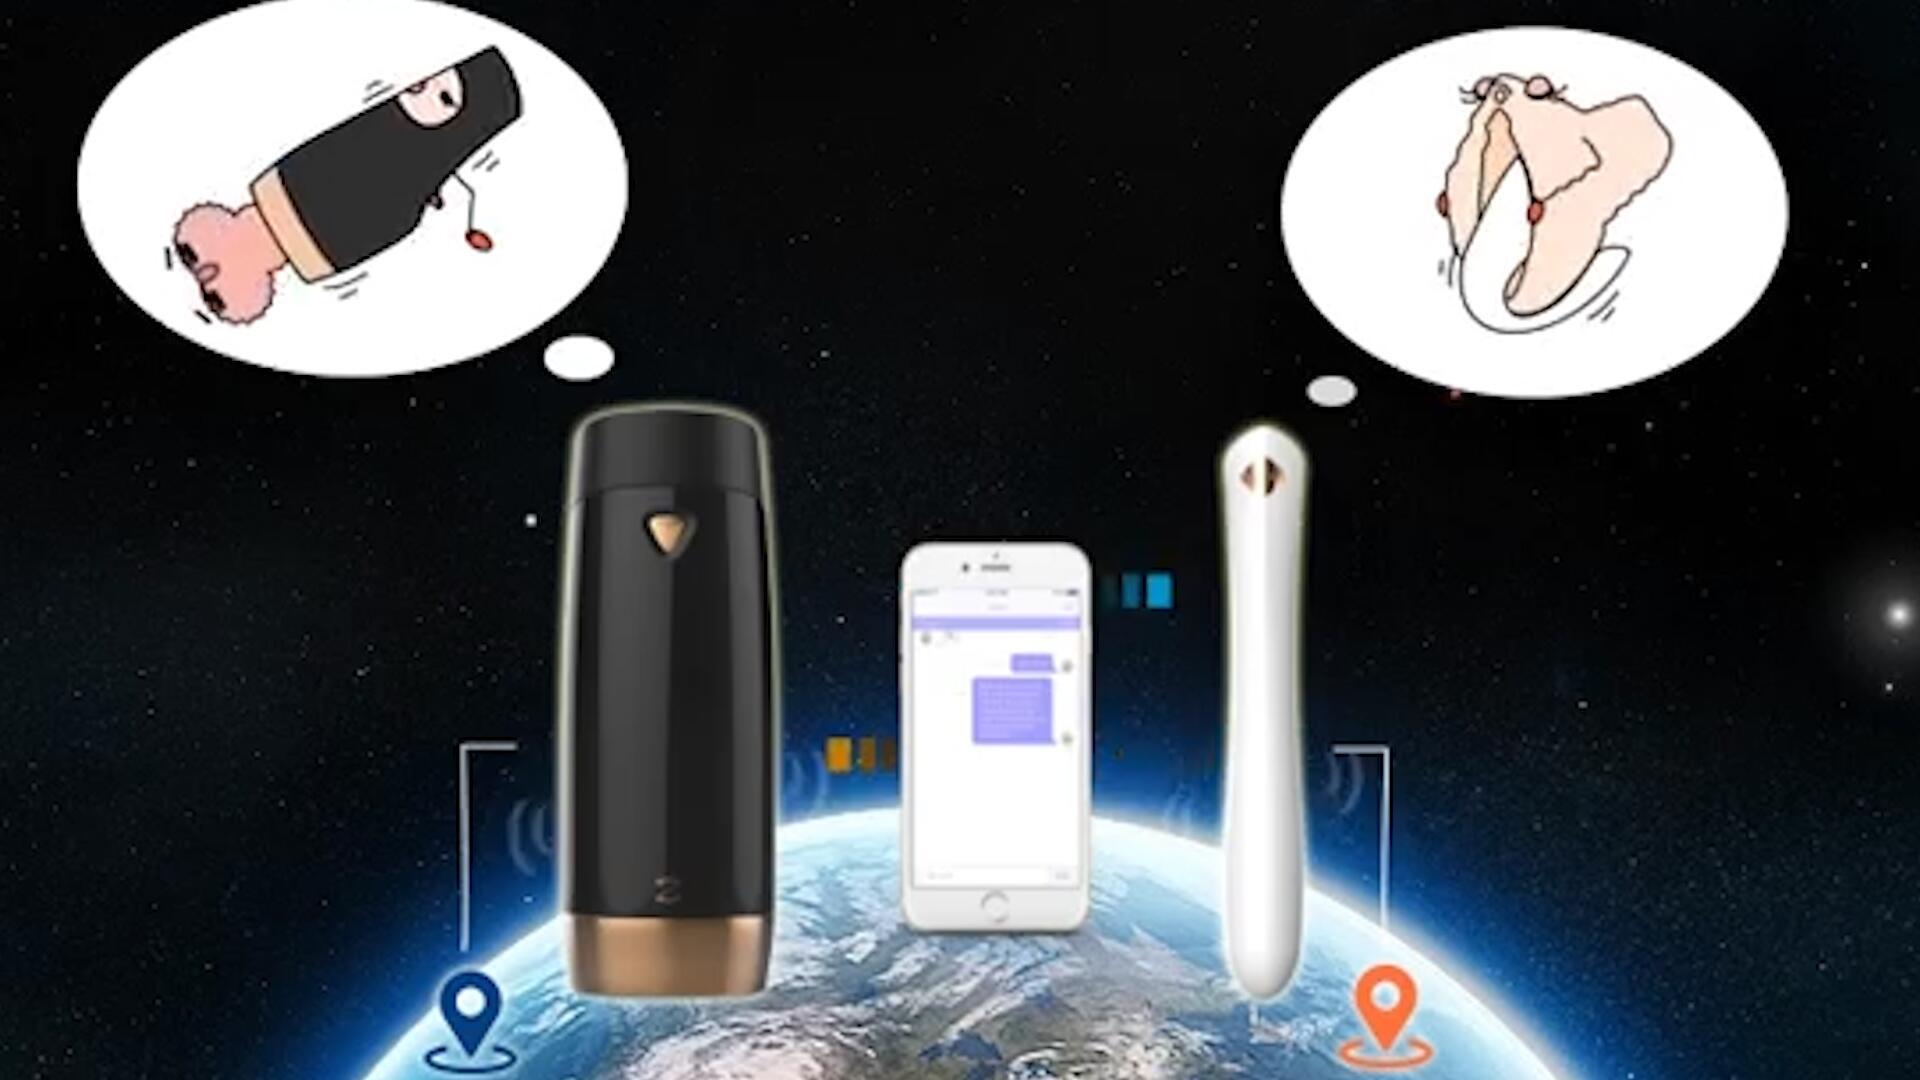 Bild zu Bewegungssensible Sextoys sollen ablenkungsfreien Genuss ermöglichen